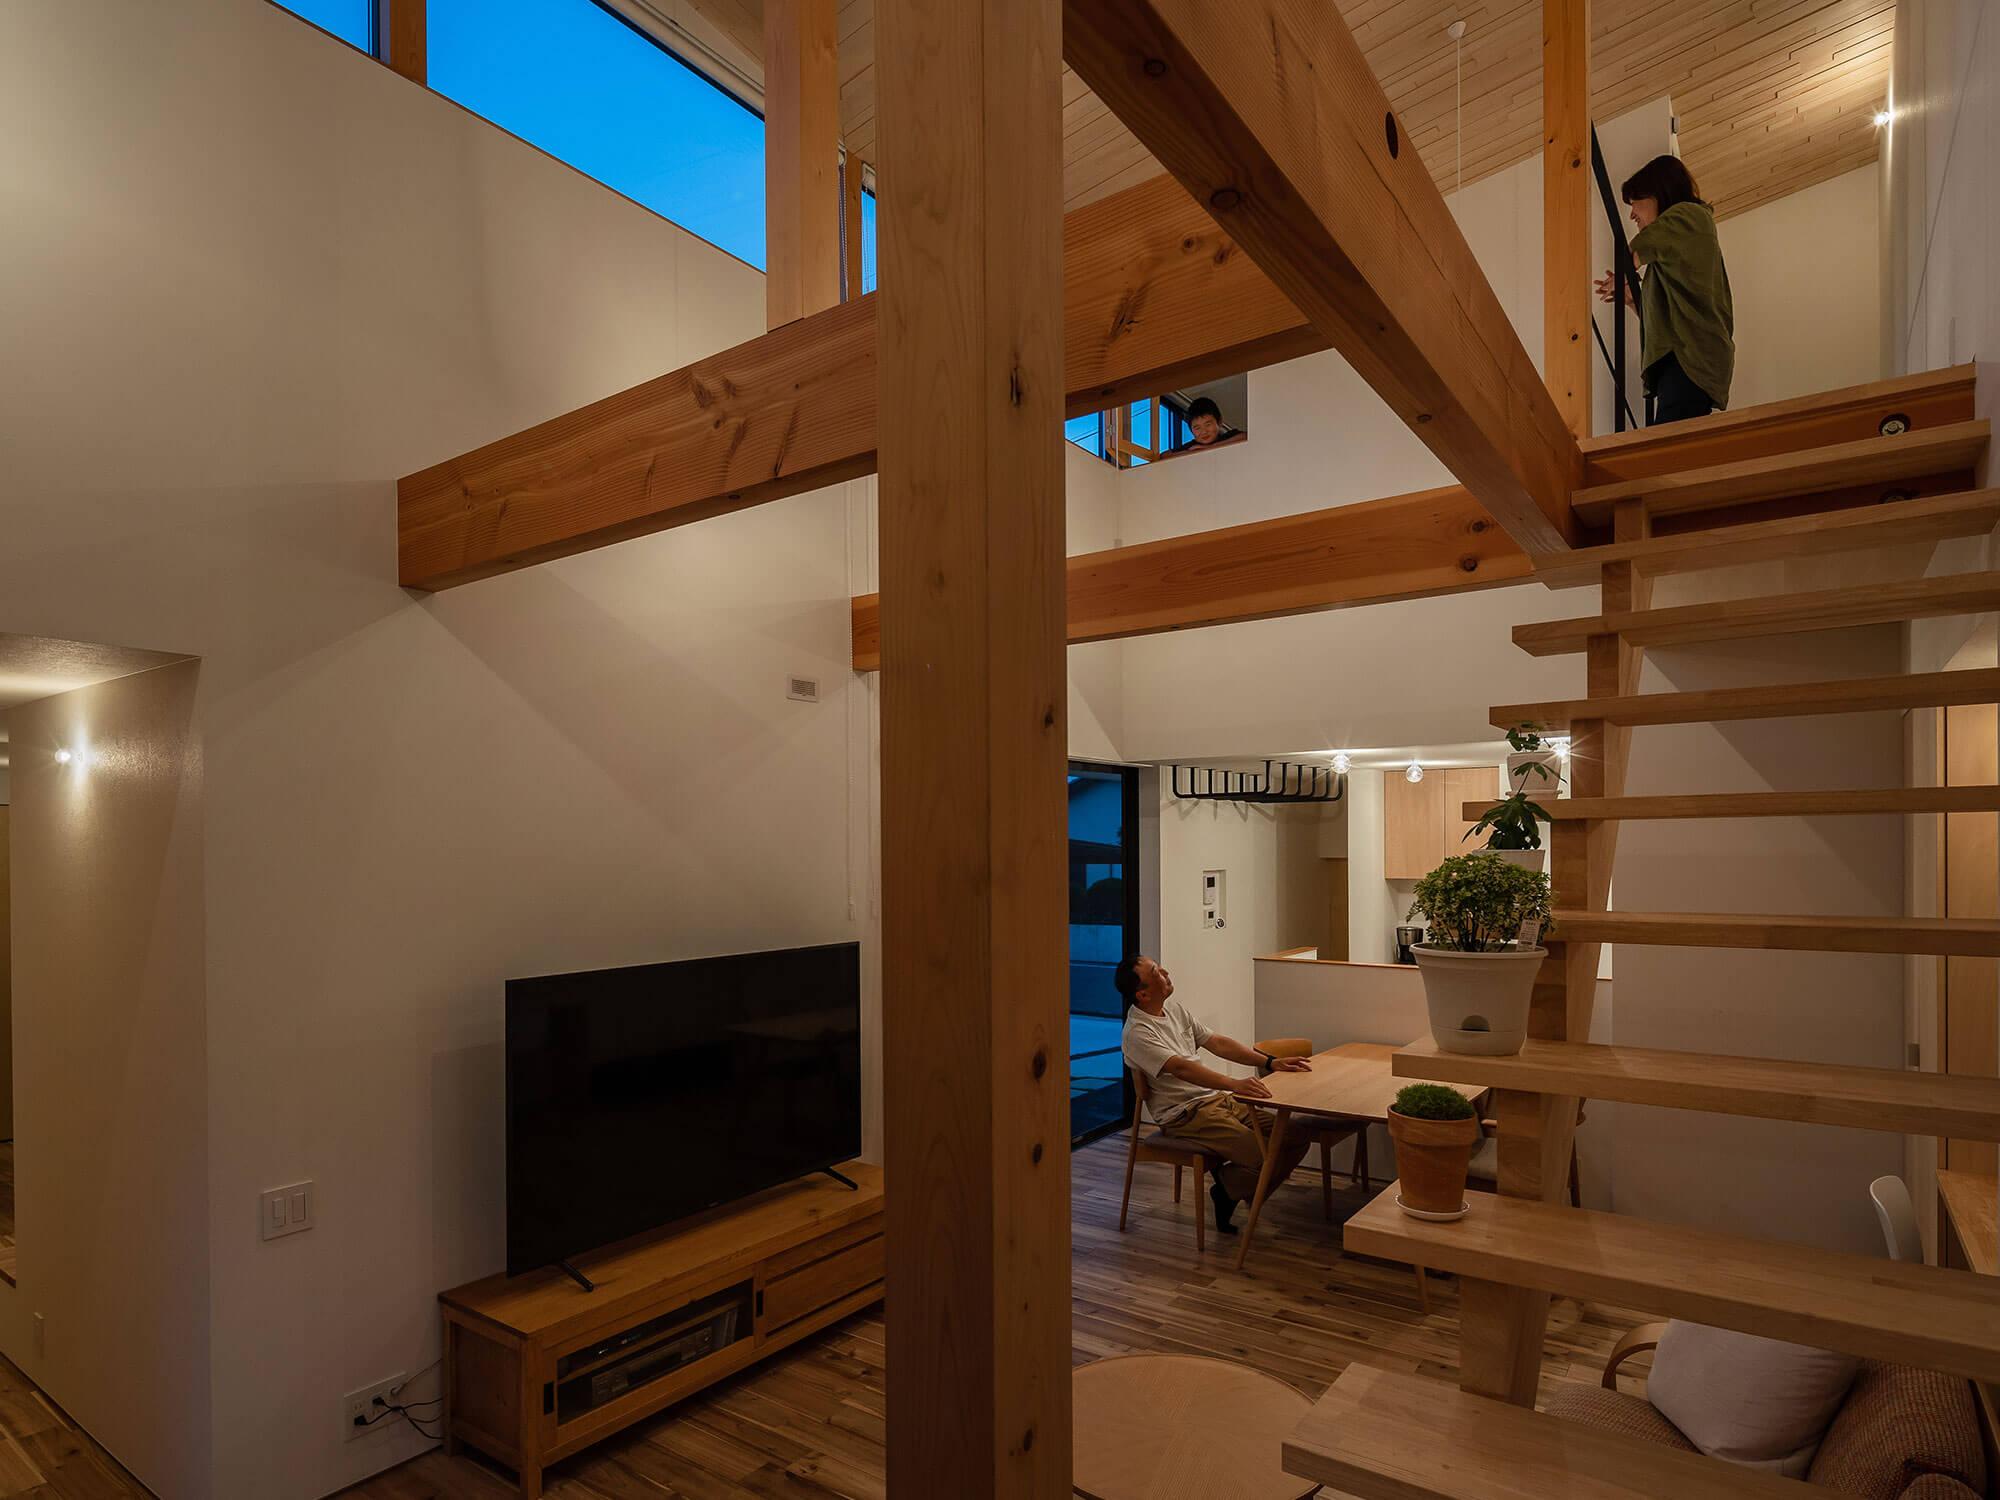 軒と縁側がつなぐ家08|犬山市の施工事例|建築家×工務店